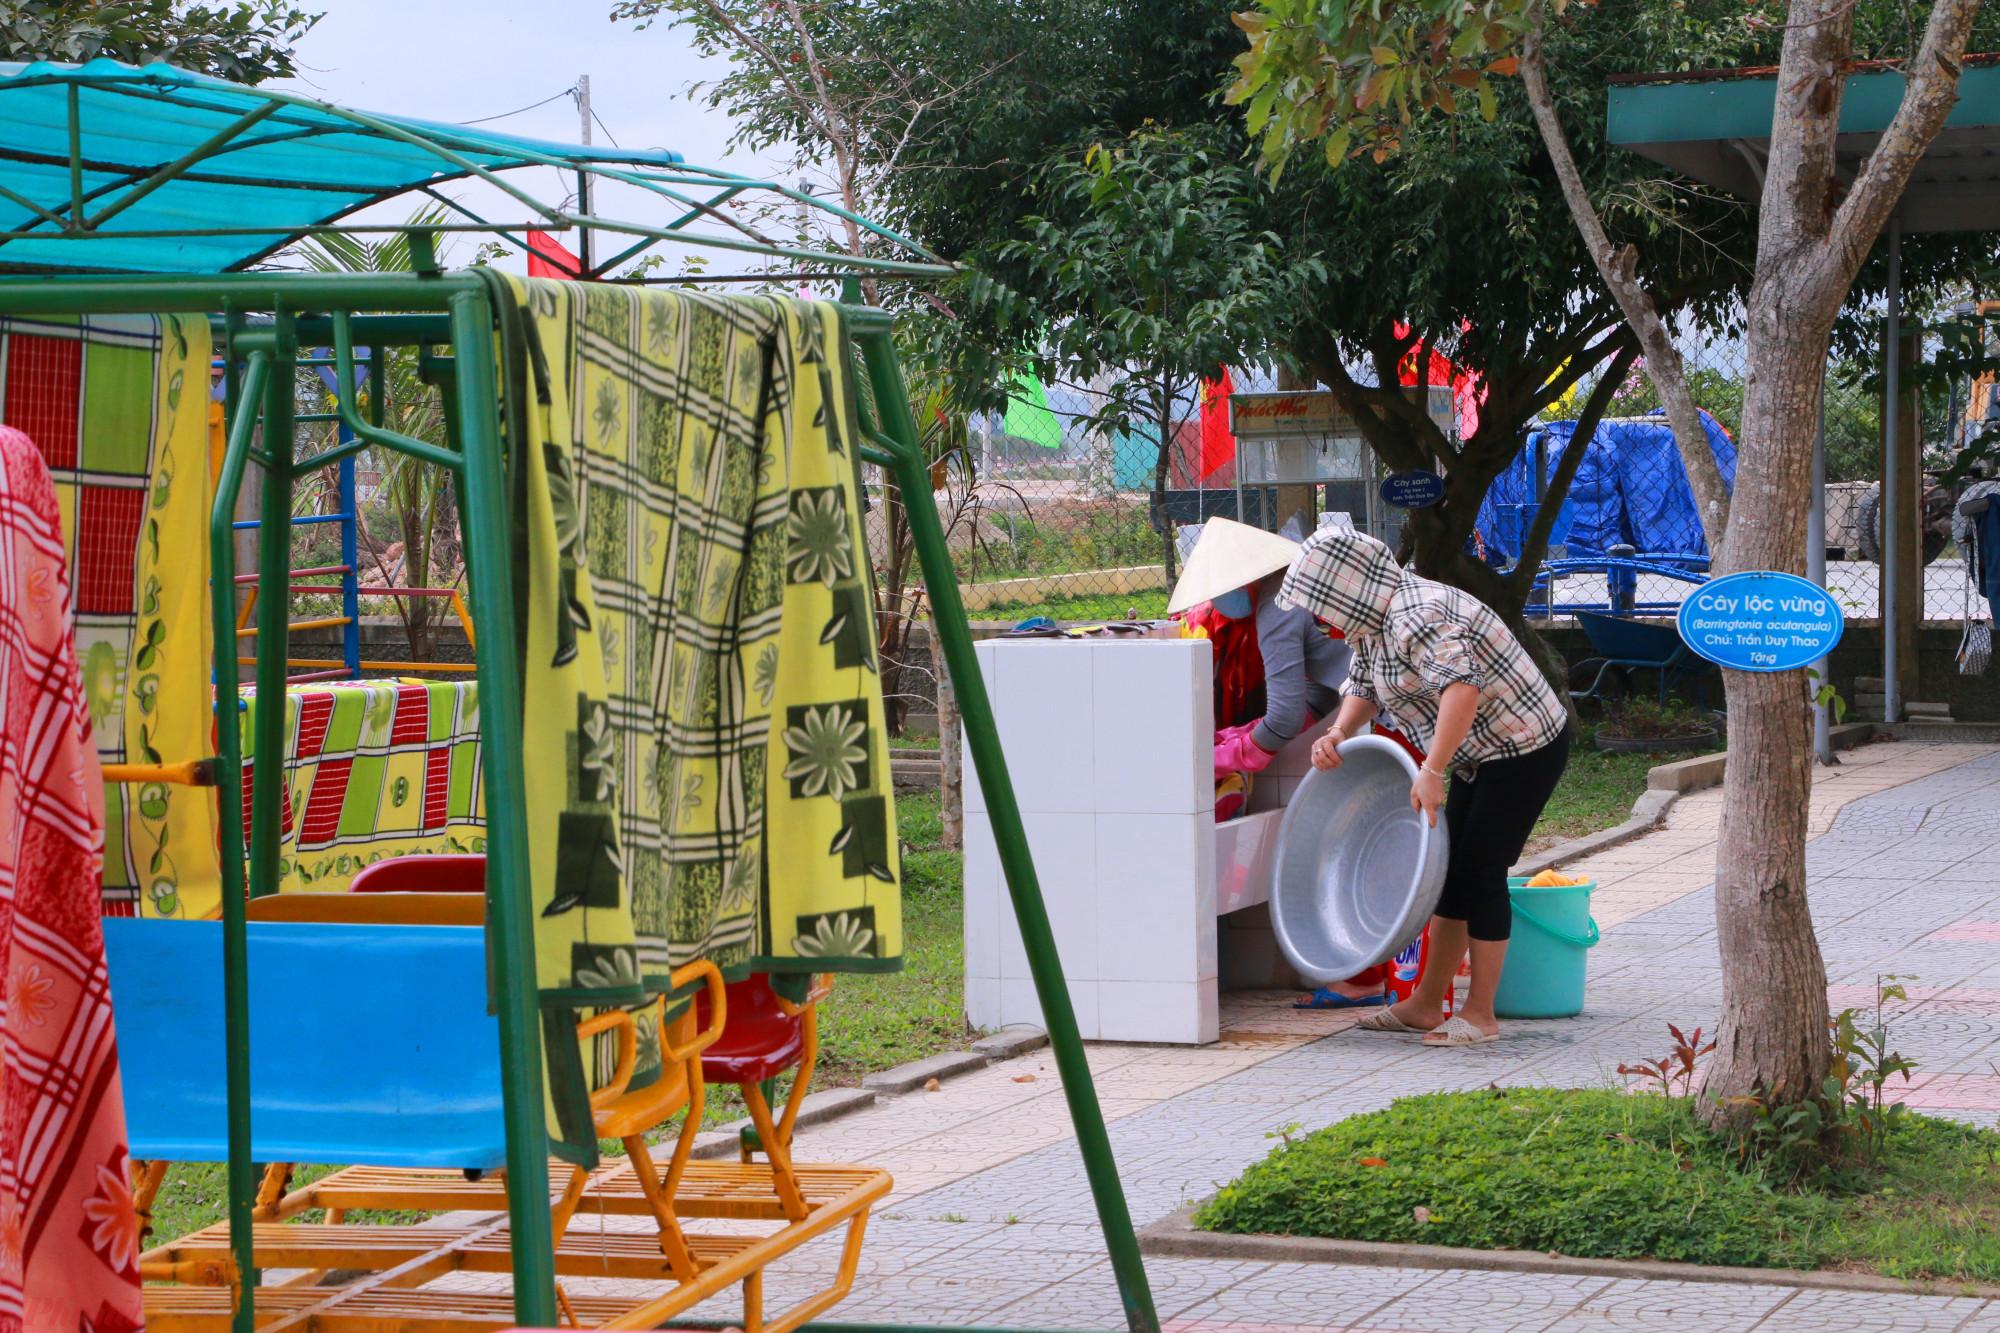 Đặc biệt là mùng, mền chăn ra, gối nệm và chiếu ngủ của những học sinh bán trú được tảy trùng phơi khô để kịp đón các cháu trở lại trường sau ngày nghỉ học phòng ngừa dịch corona